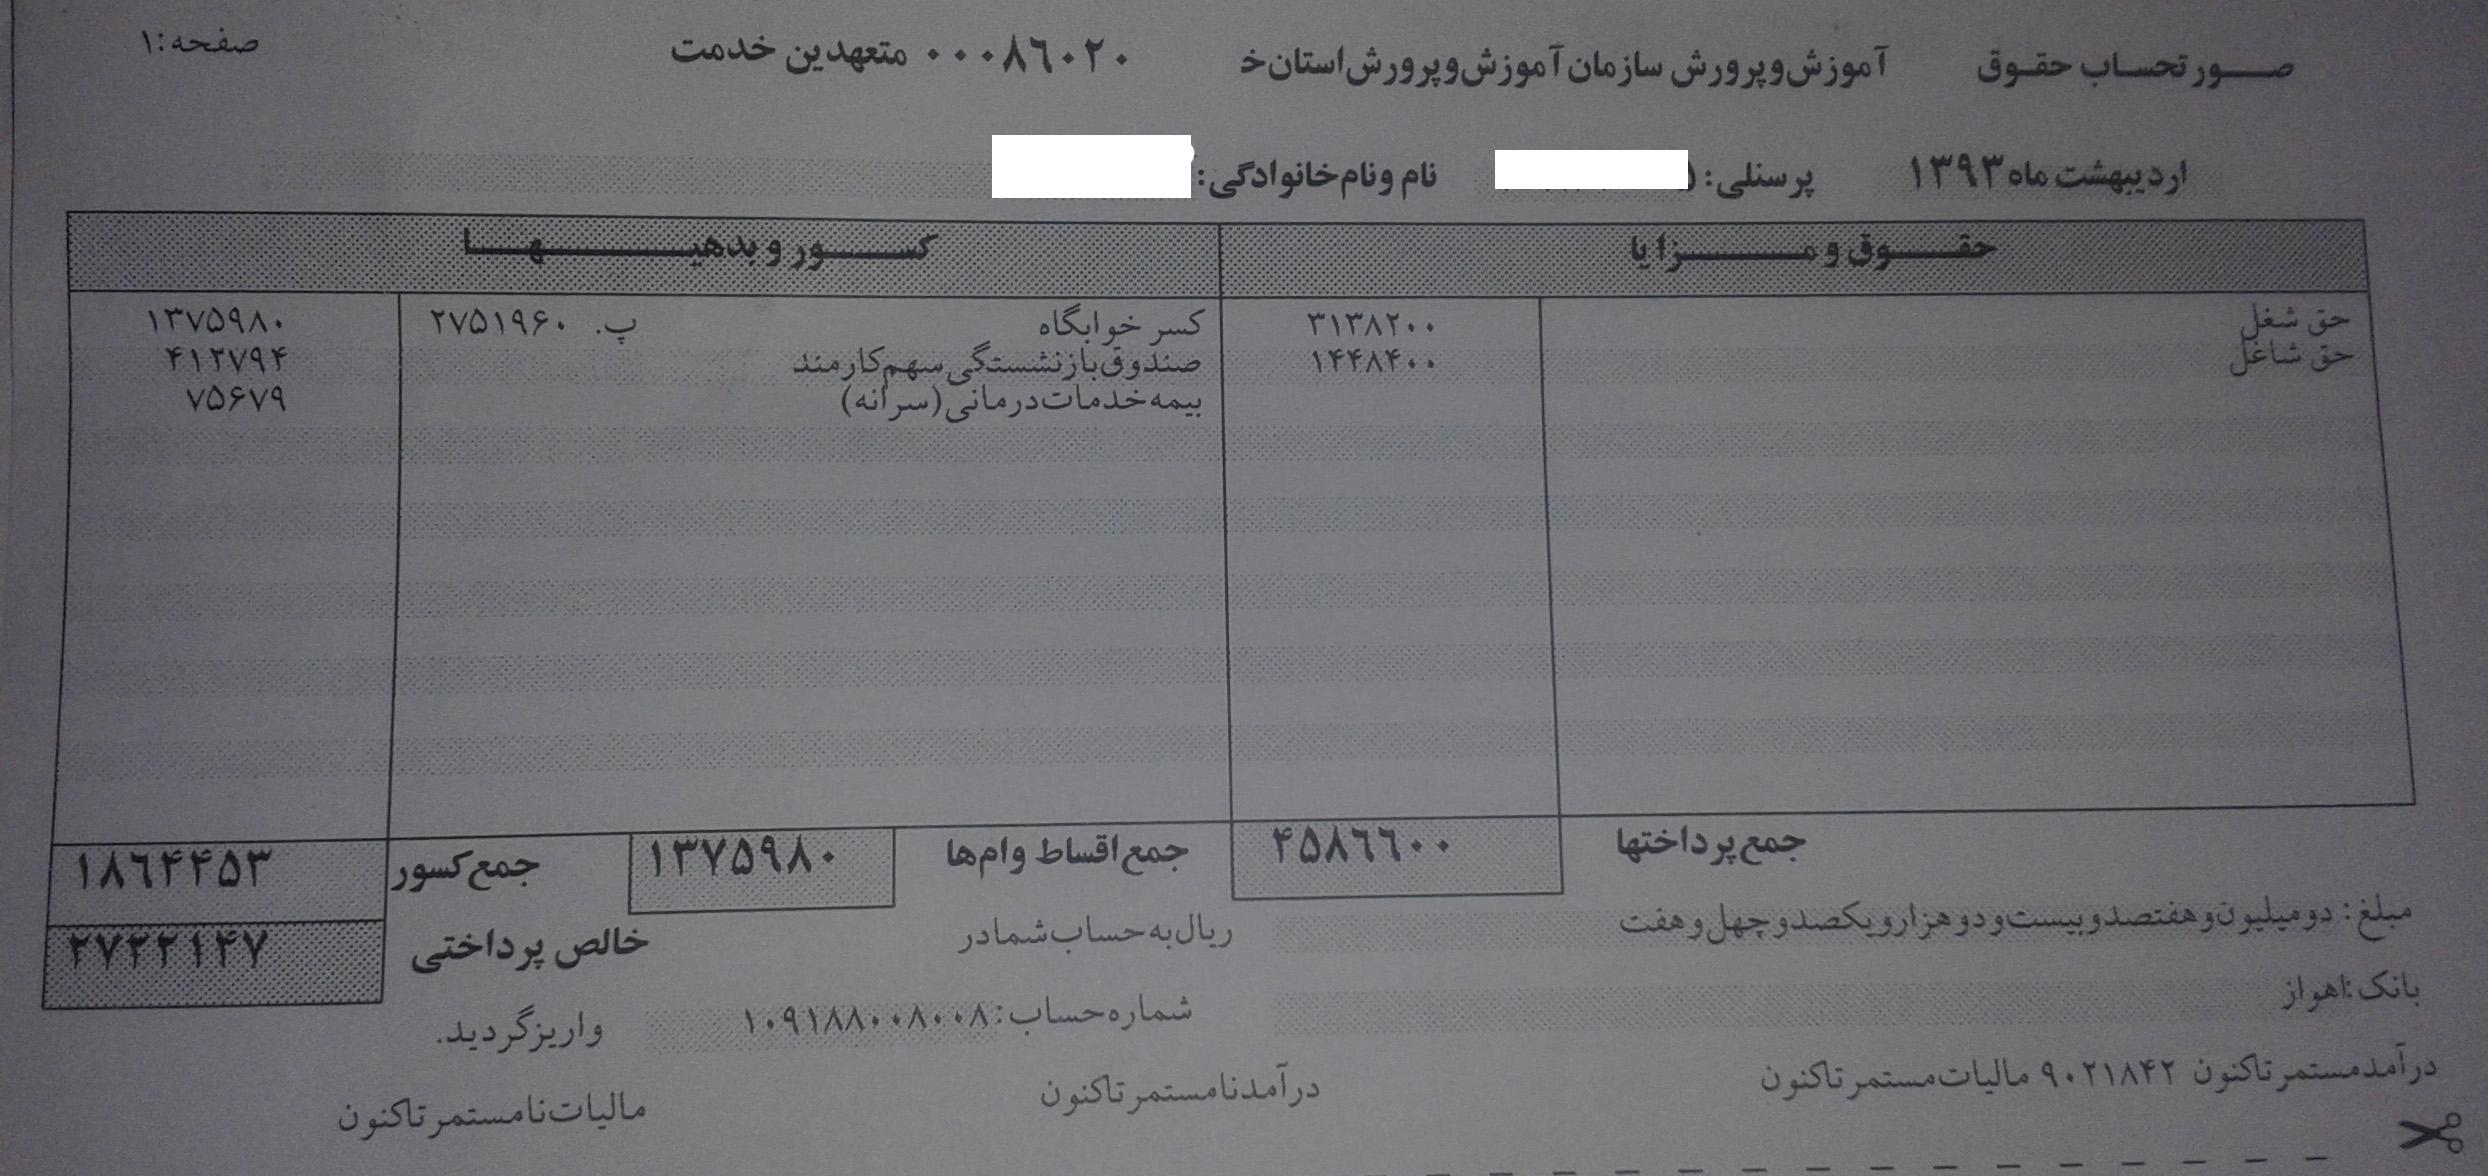 فیش حقوقل دانشجو معلمان خوزستان